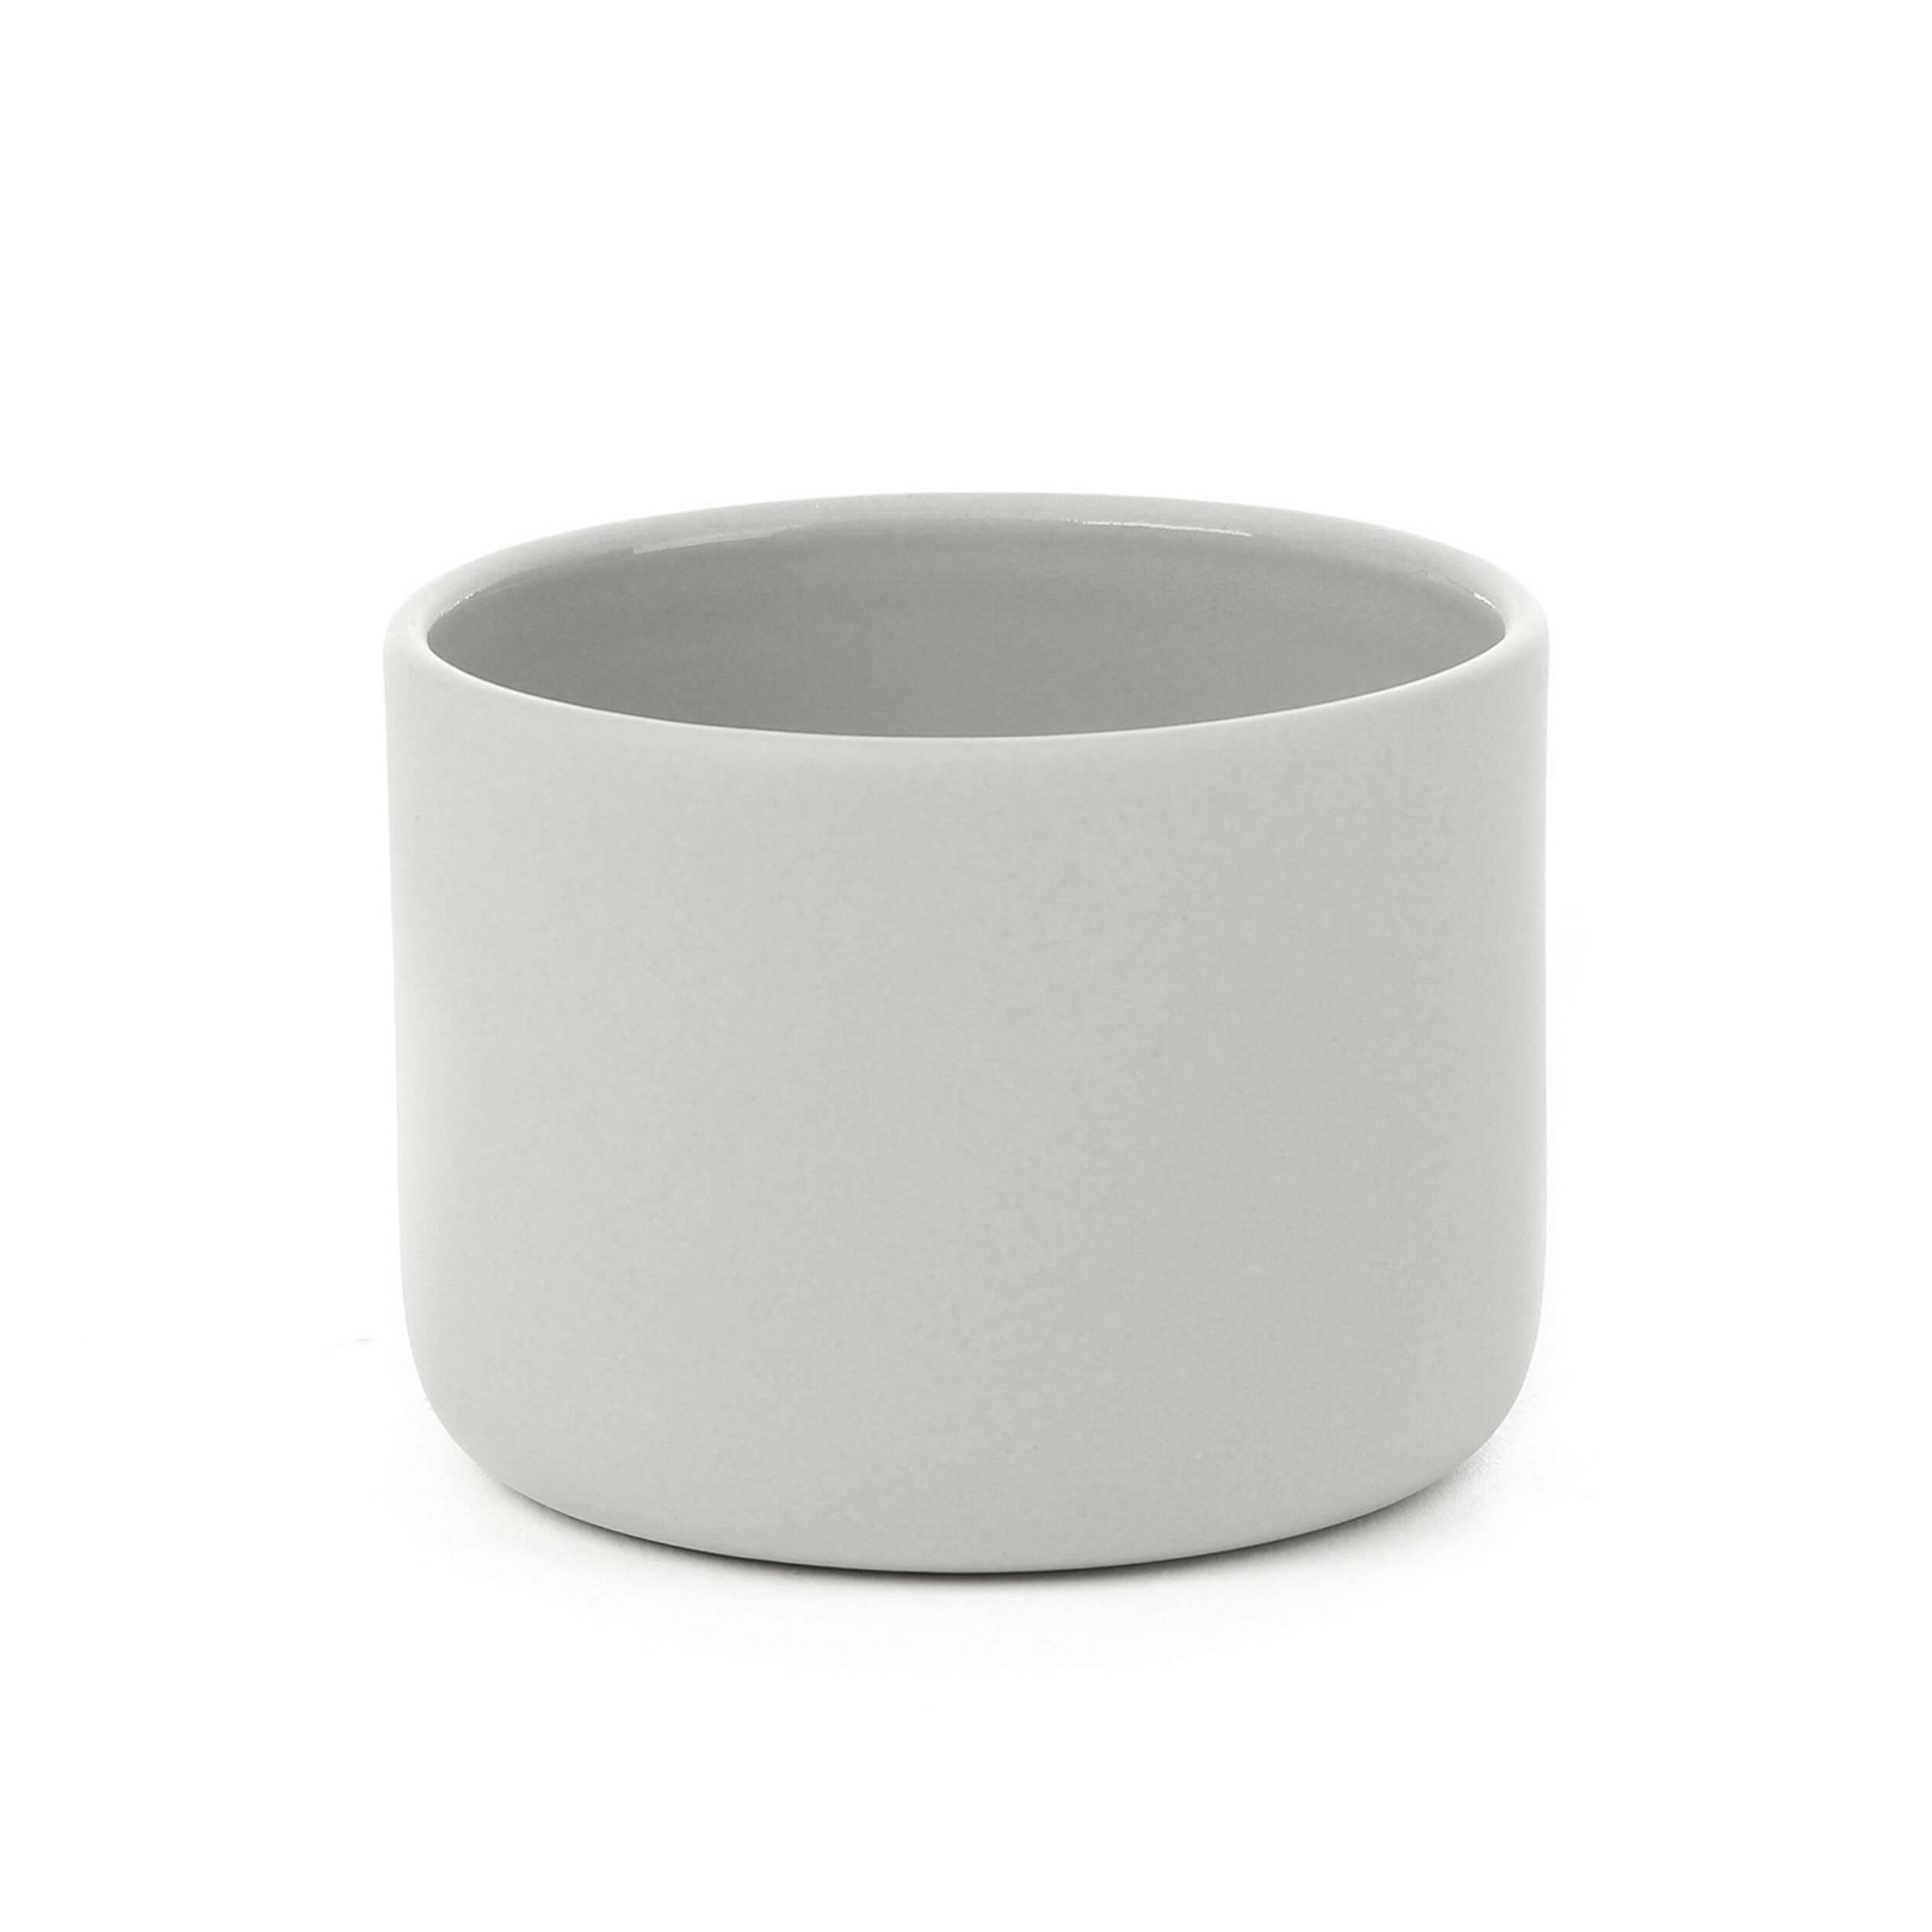 Посуда Cosmo 15578117 от Cosmorelax